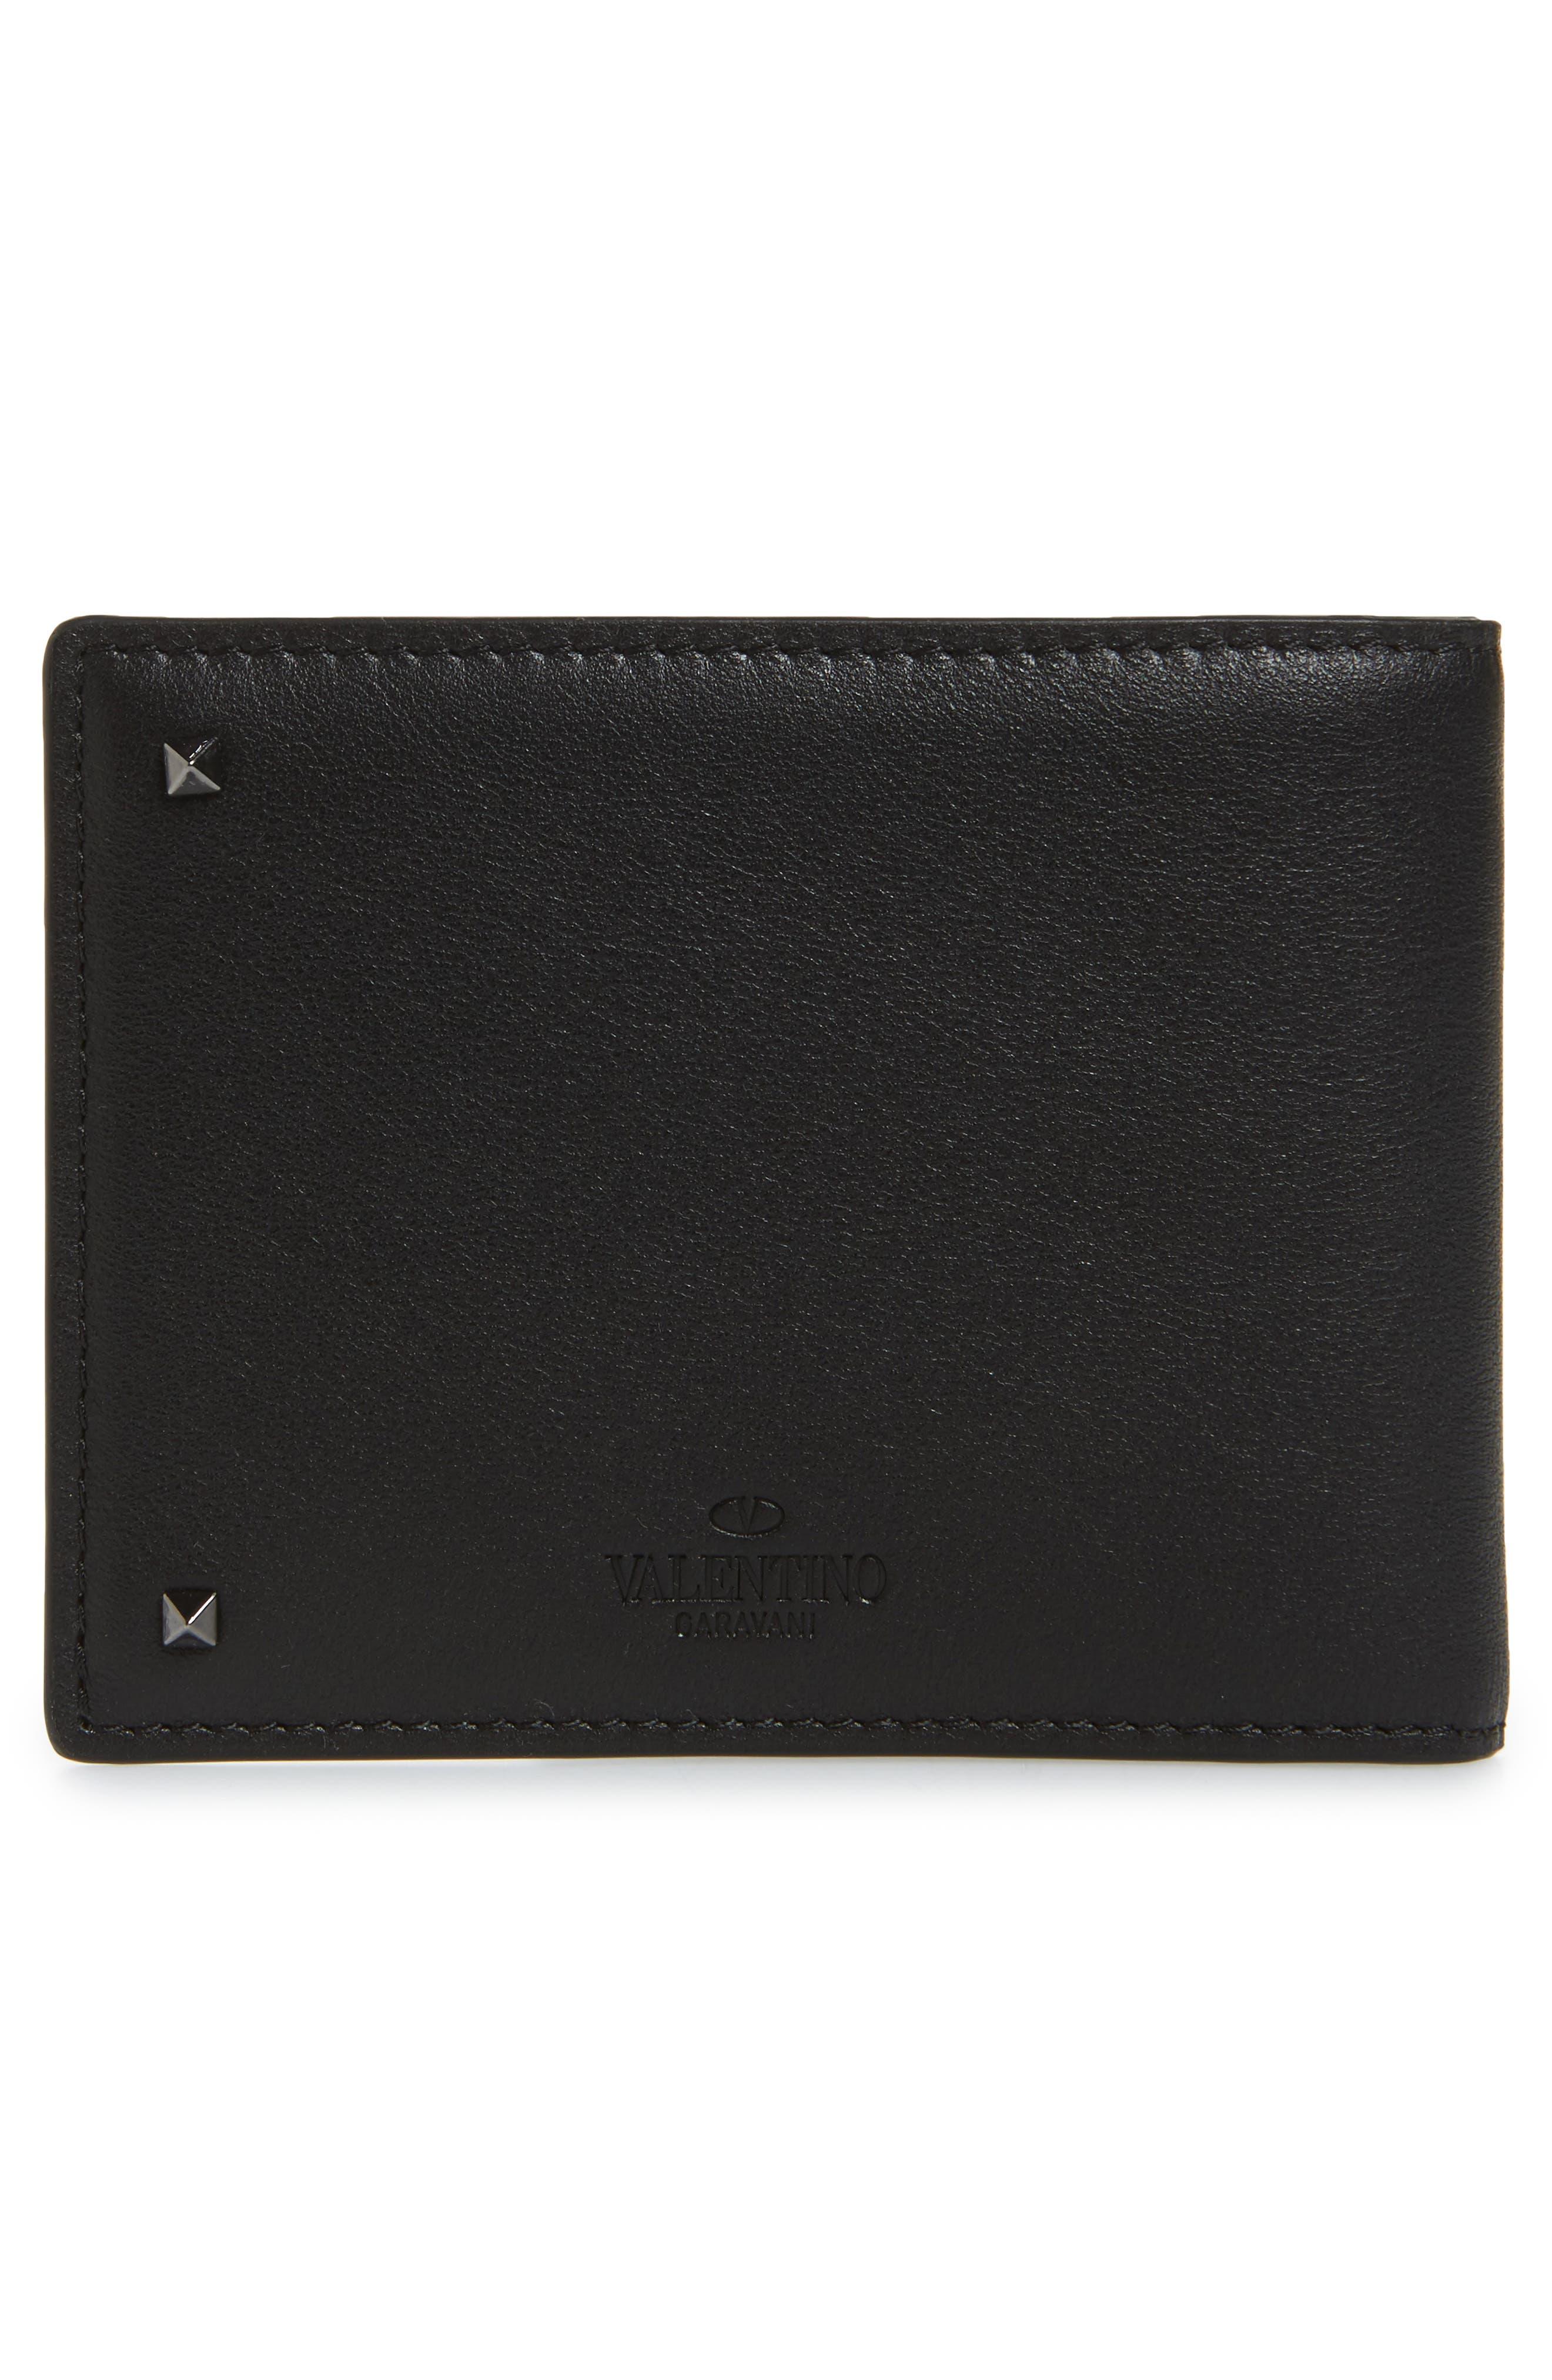 GARAVANI Stud Leather Money Clip Card Case,                             Alternate thumbnail 3, color,                             Black